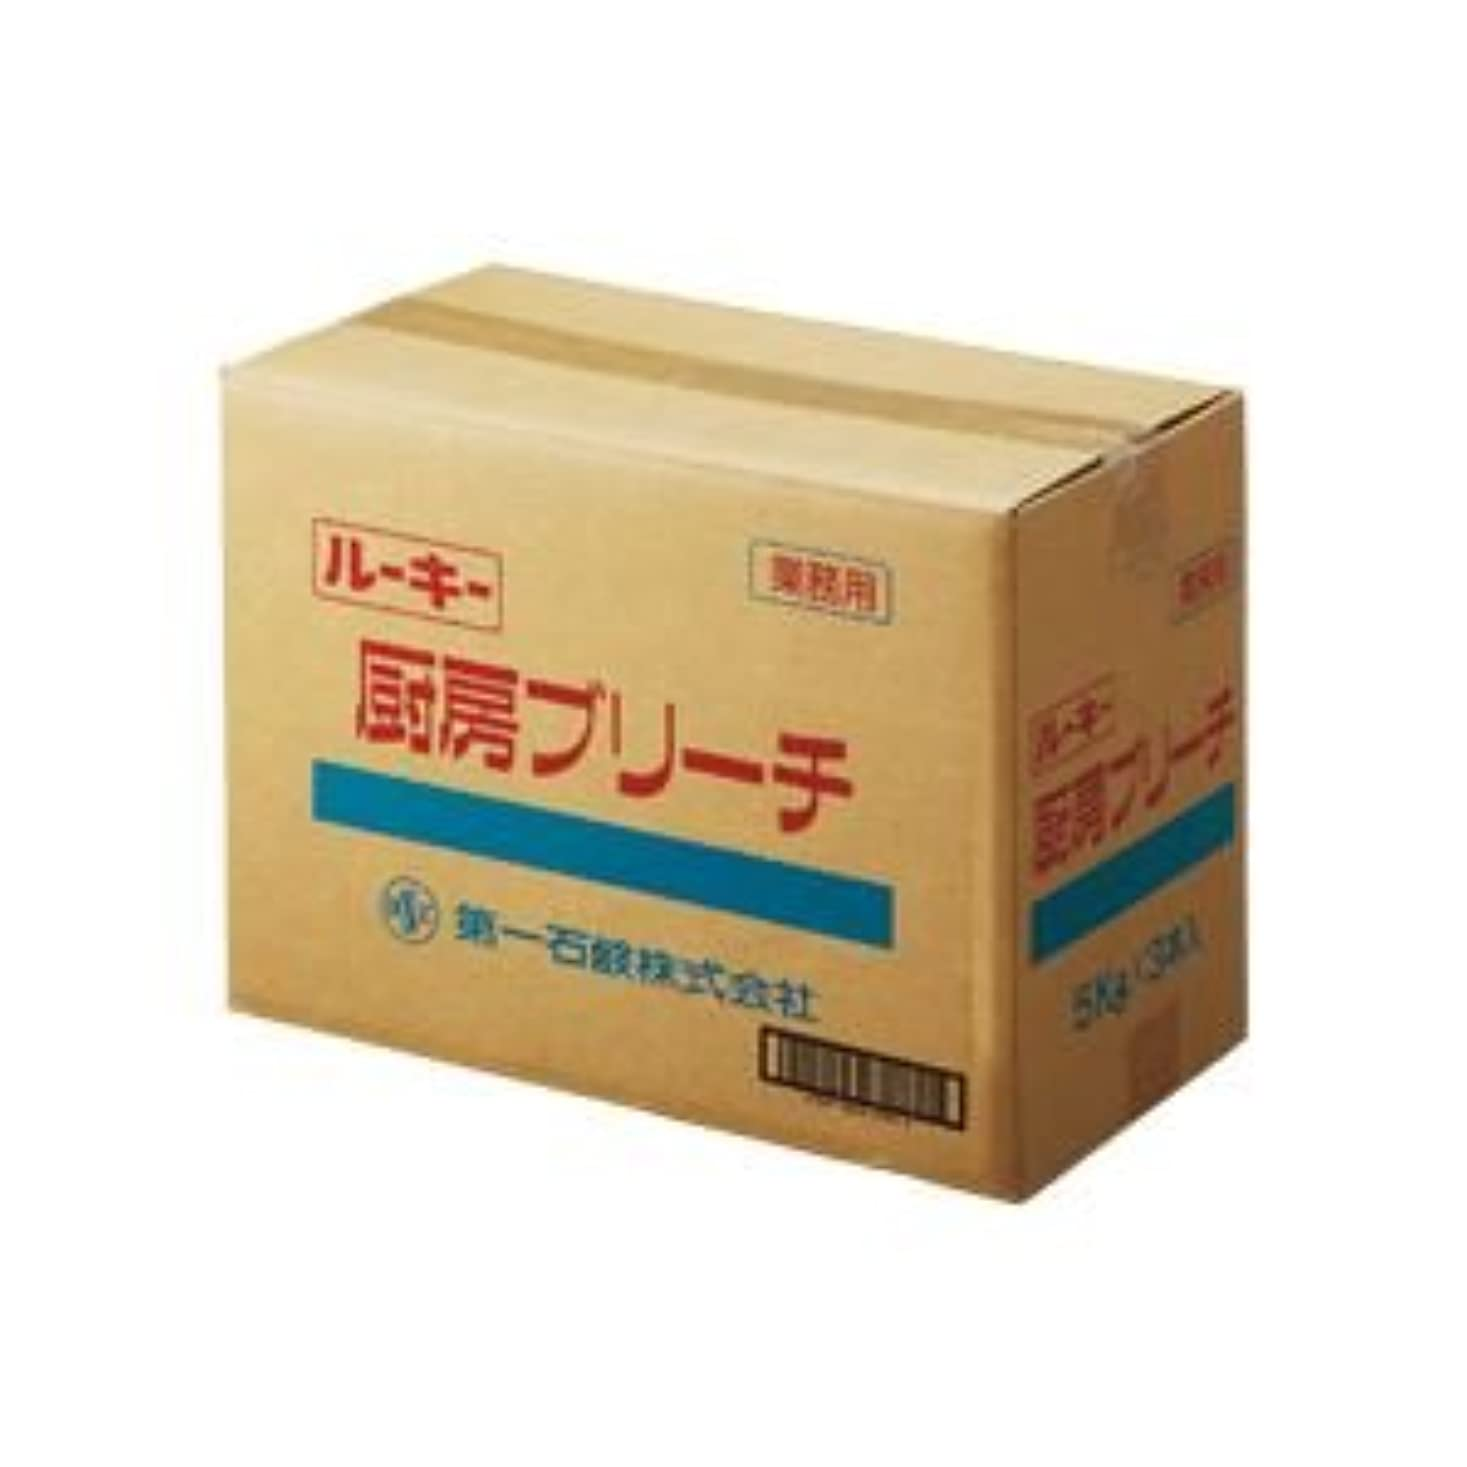 不毛会社配当(まとめ) 第一石鹸 ルーキー 厨房ブリーチ 業務用 5kg/本 1セット(3本) 【×2セット】